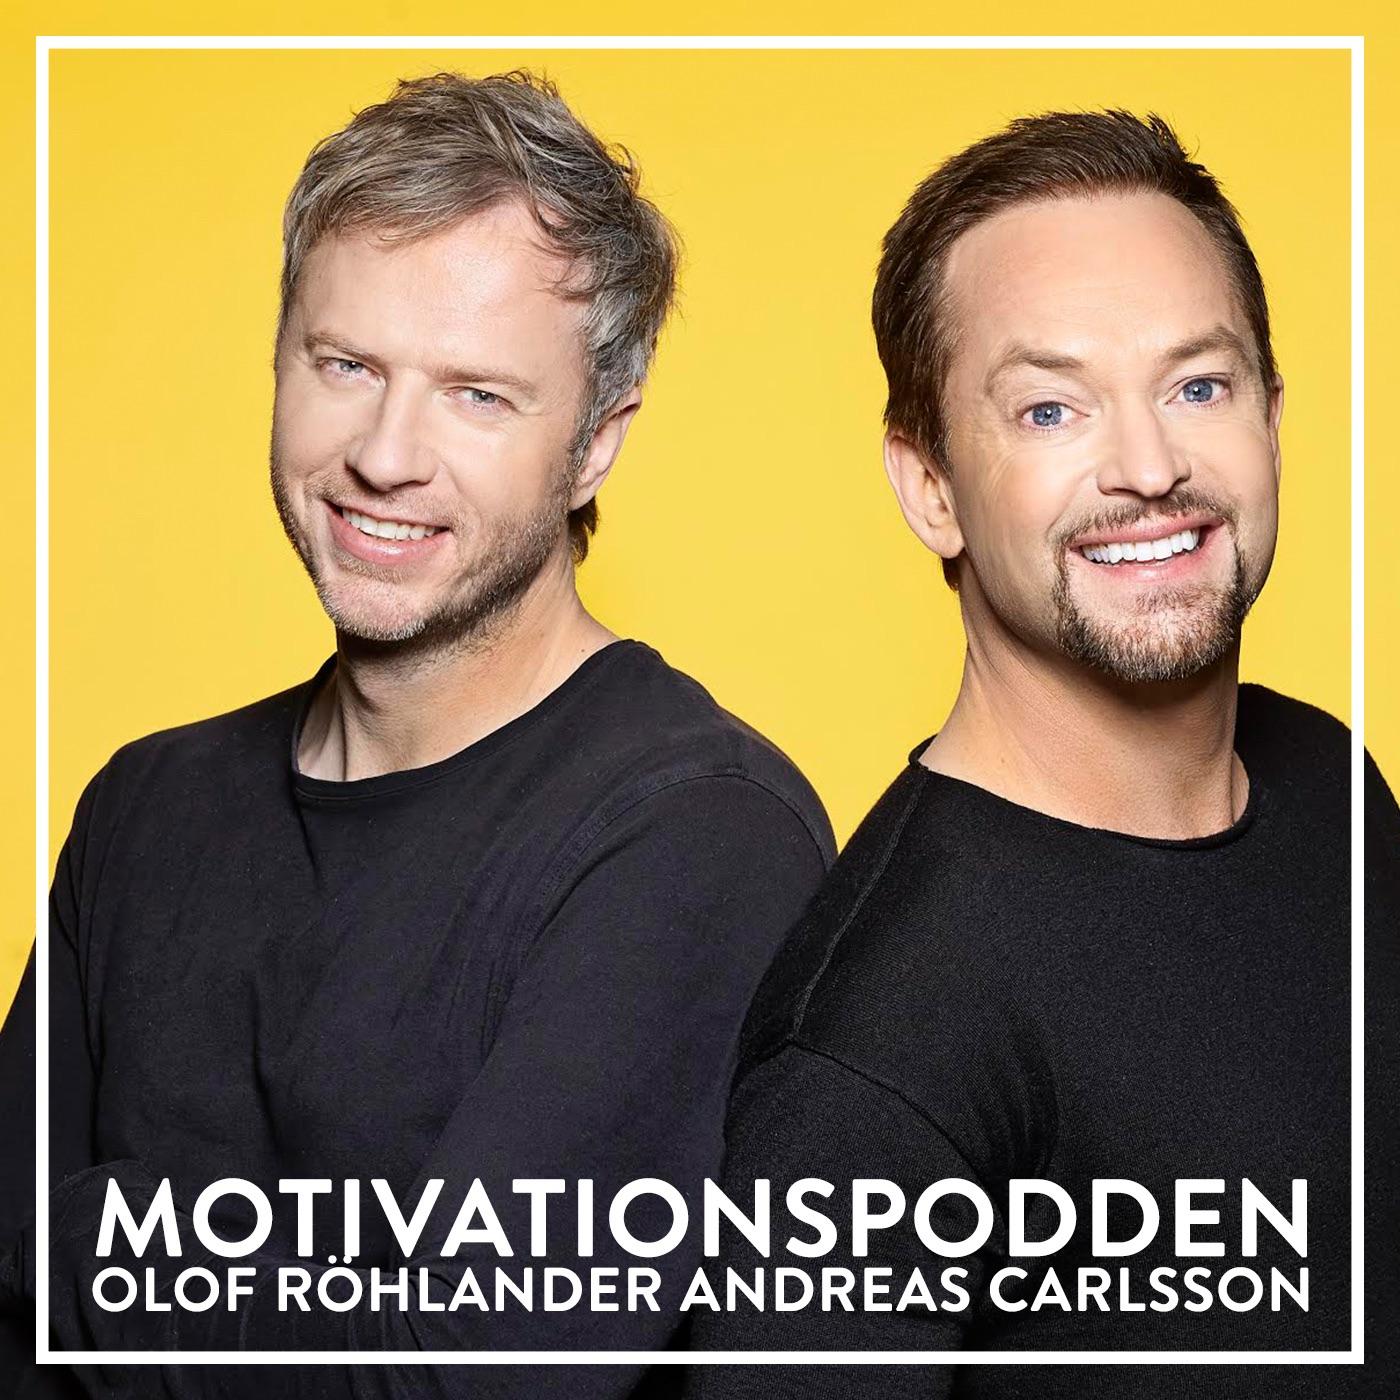 Motivationspodden #17